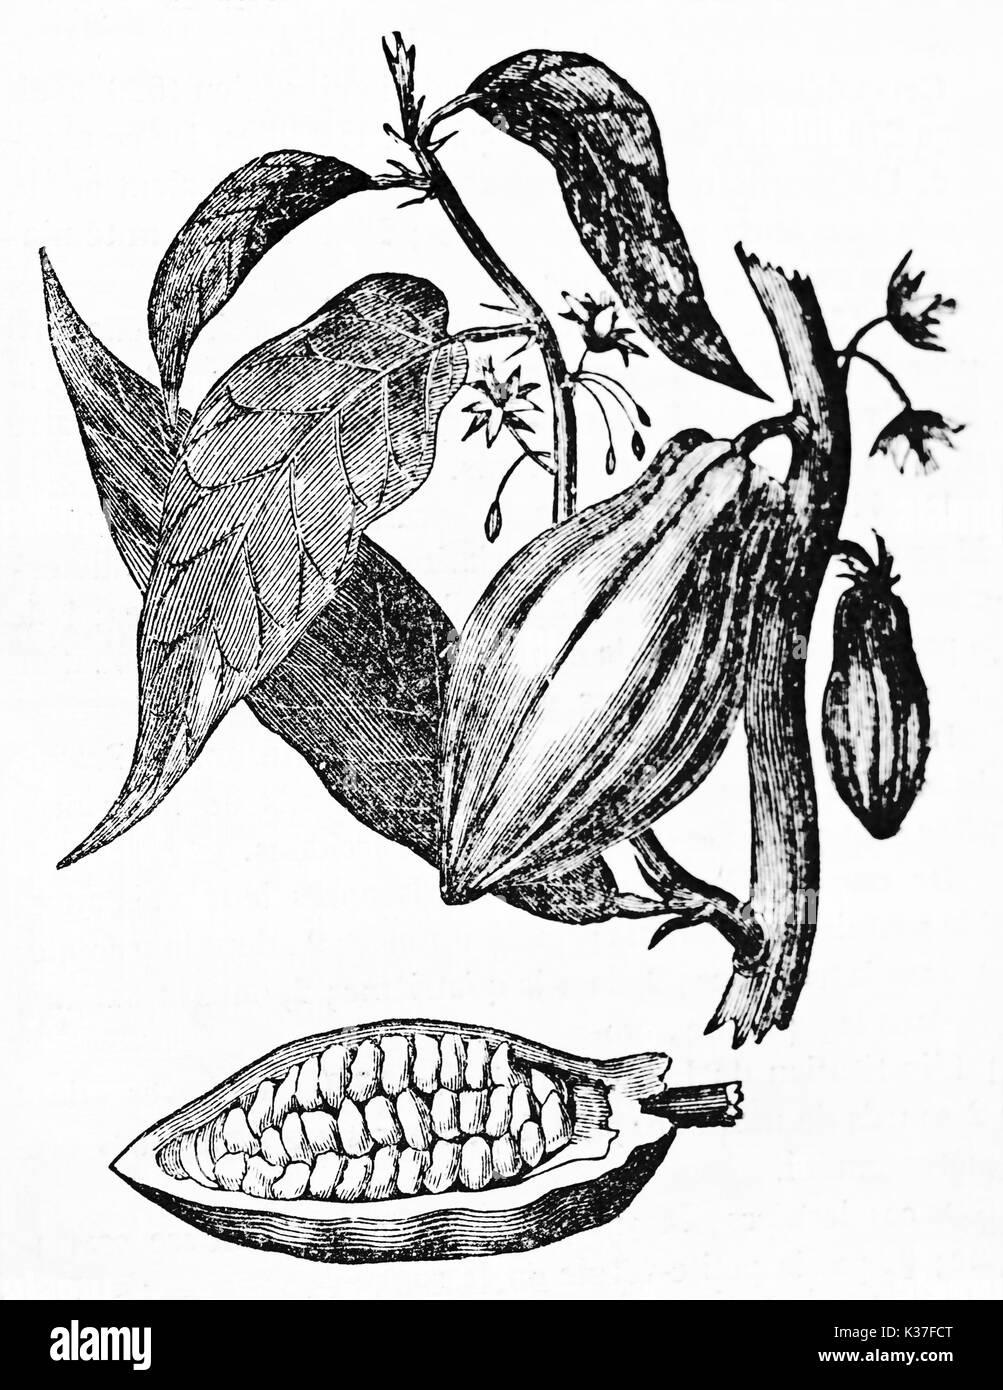 Old Botanical Isolated Illustration Of Cacao Tree Flowers Fruit And Stock Photo Alamy